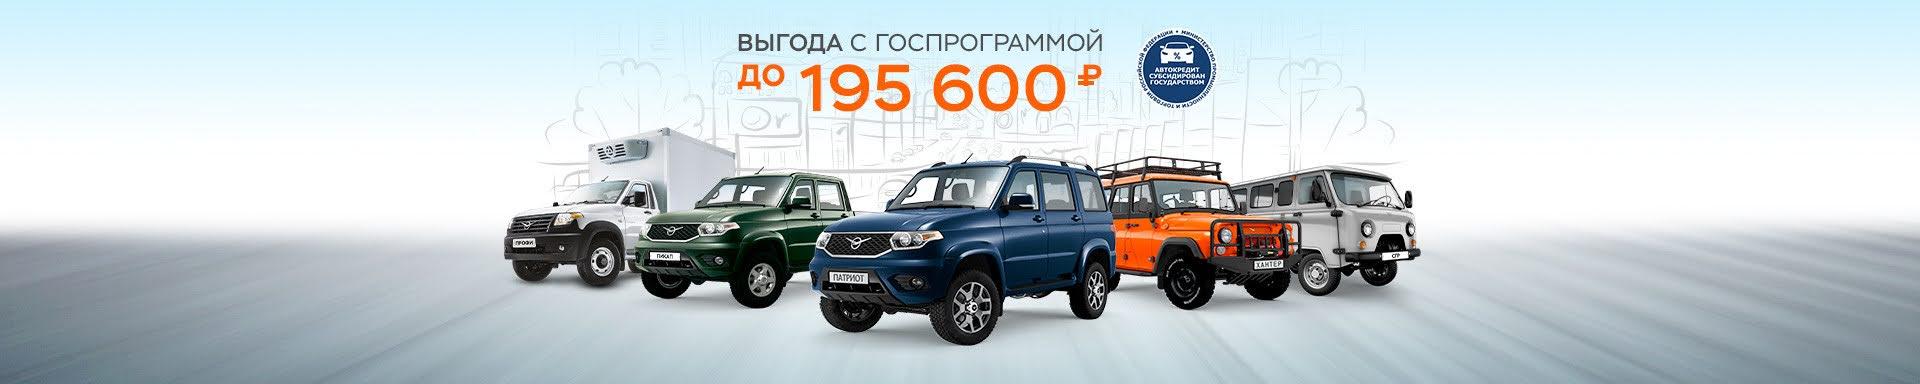 Выгода с госпрограммой до 195 600 рублей